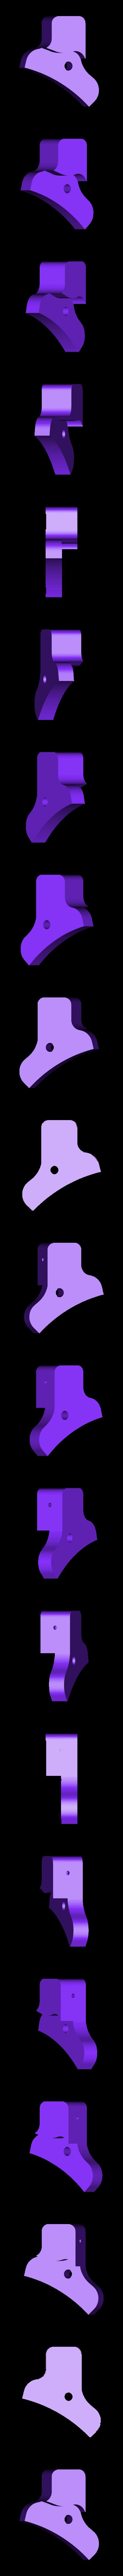 bass_leg_R2.stl Télécharger fichier STL gratuit 8 pouces Bass Drum Pad Ver.2 • Plan imprimable en 3D, RyoKosaka